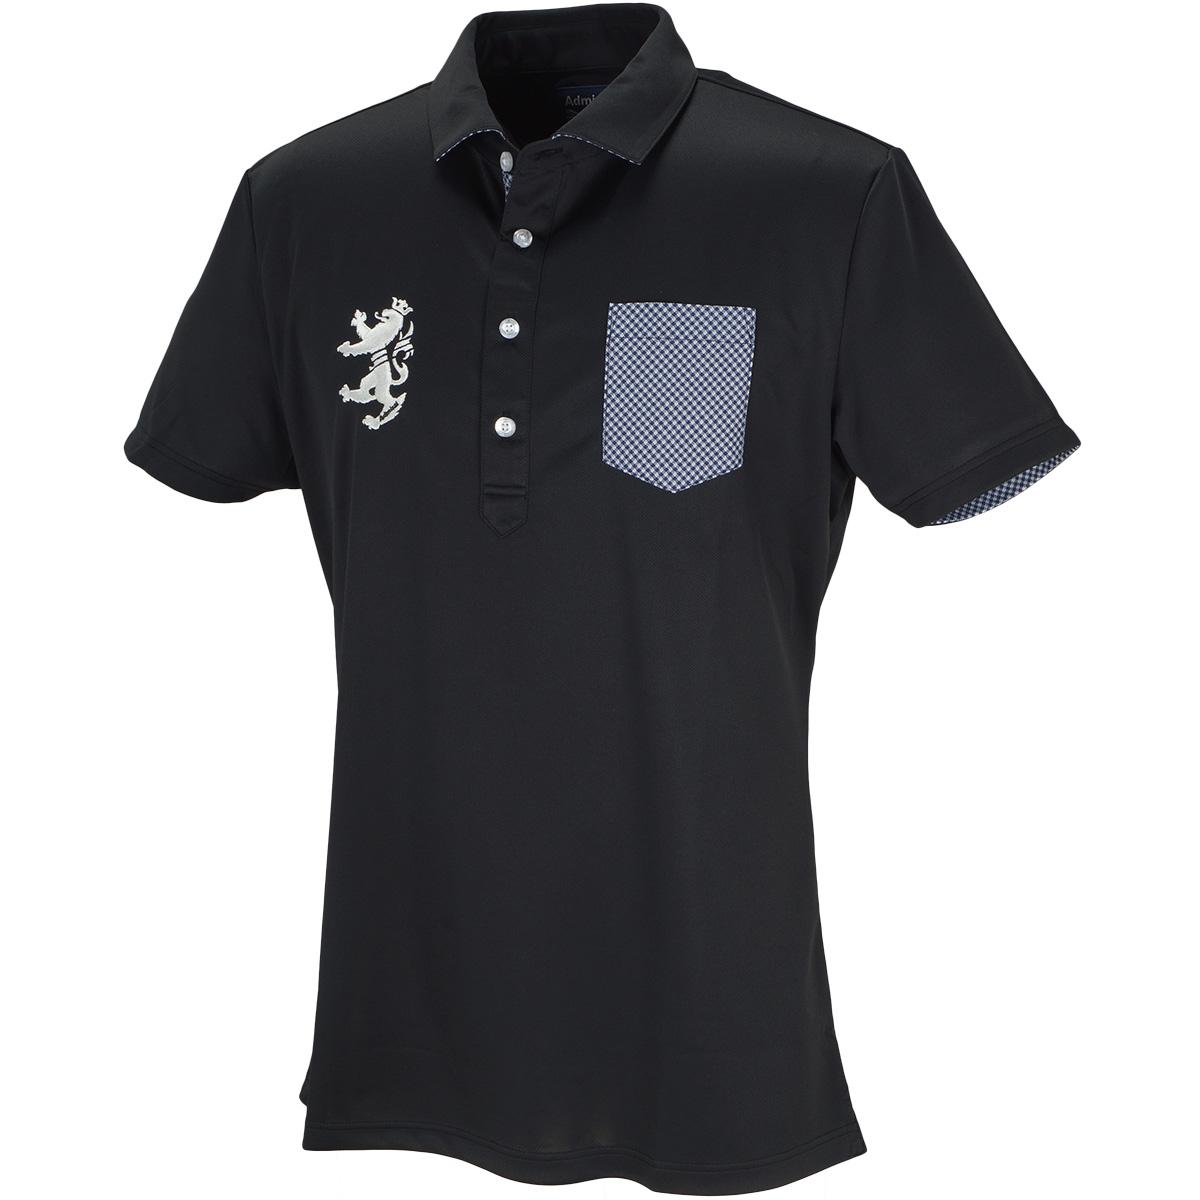 パーツチェック ワイドカラー半袖ポロシャツ